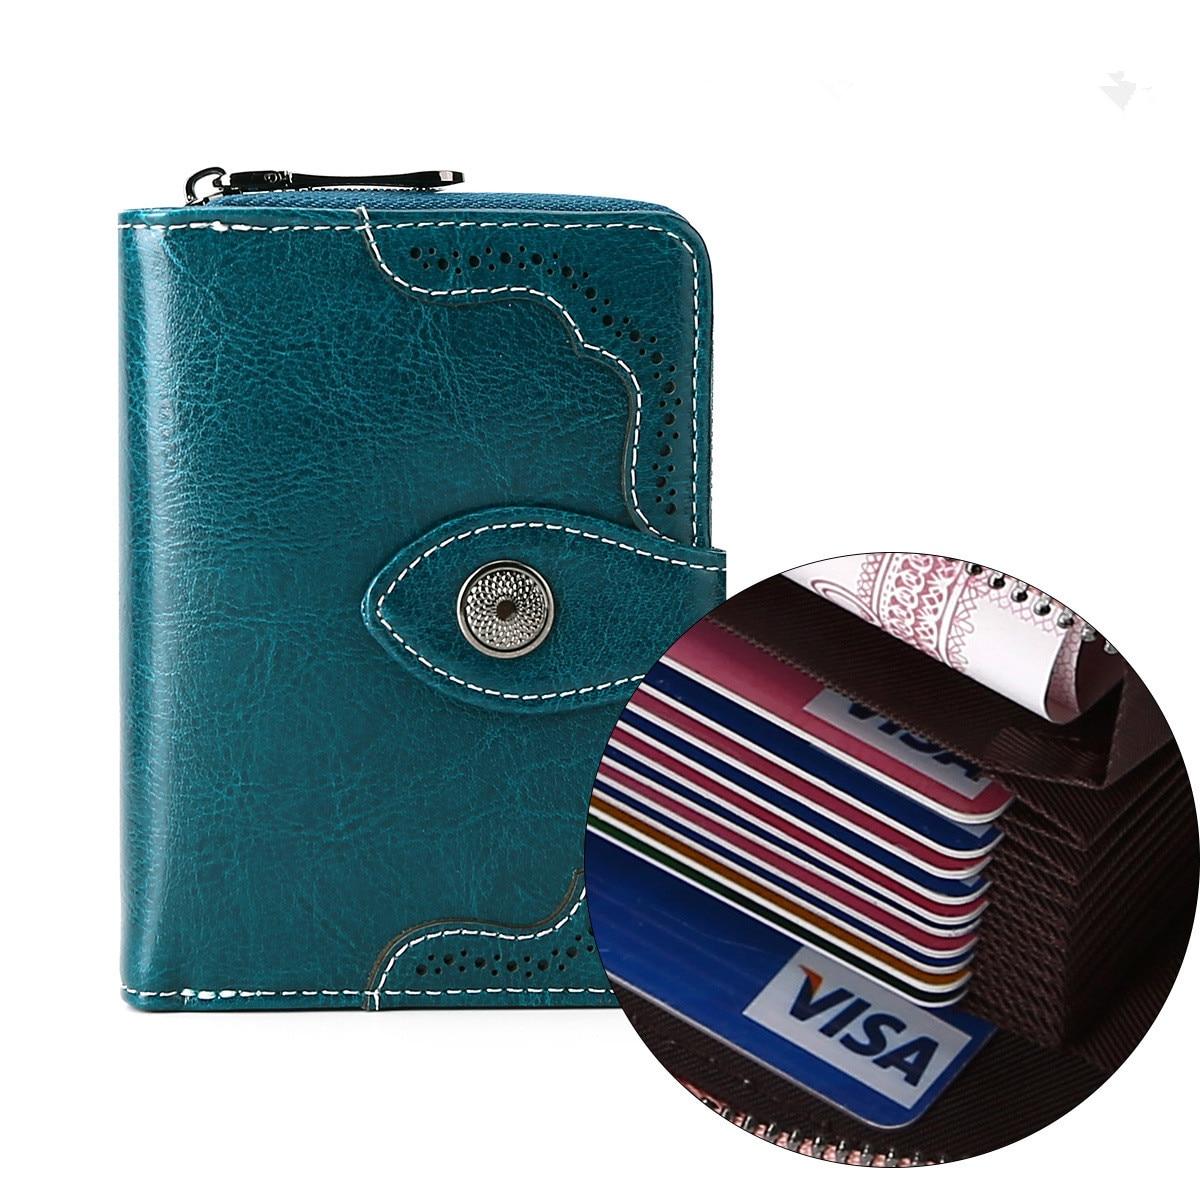 جديد جلد السيدات محفظة صغيرة اثنين أضعاف السيدات سستة الرجعية الشمع محفظة نسائية للعملات المعدنية حامل بطاقة